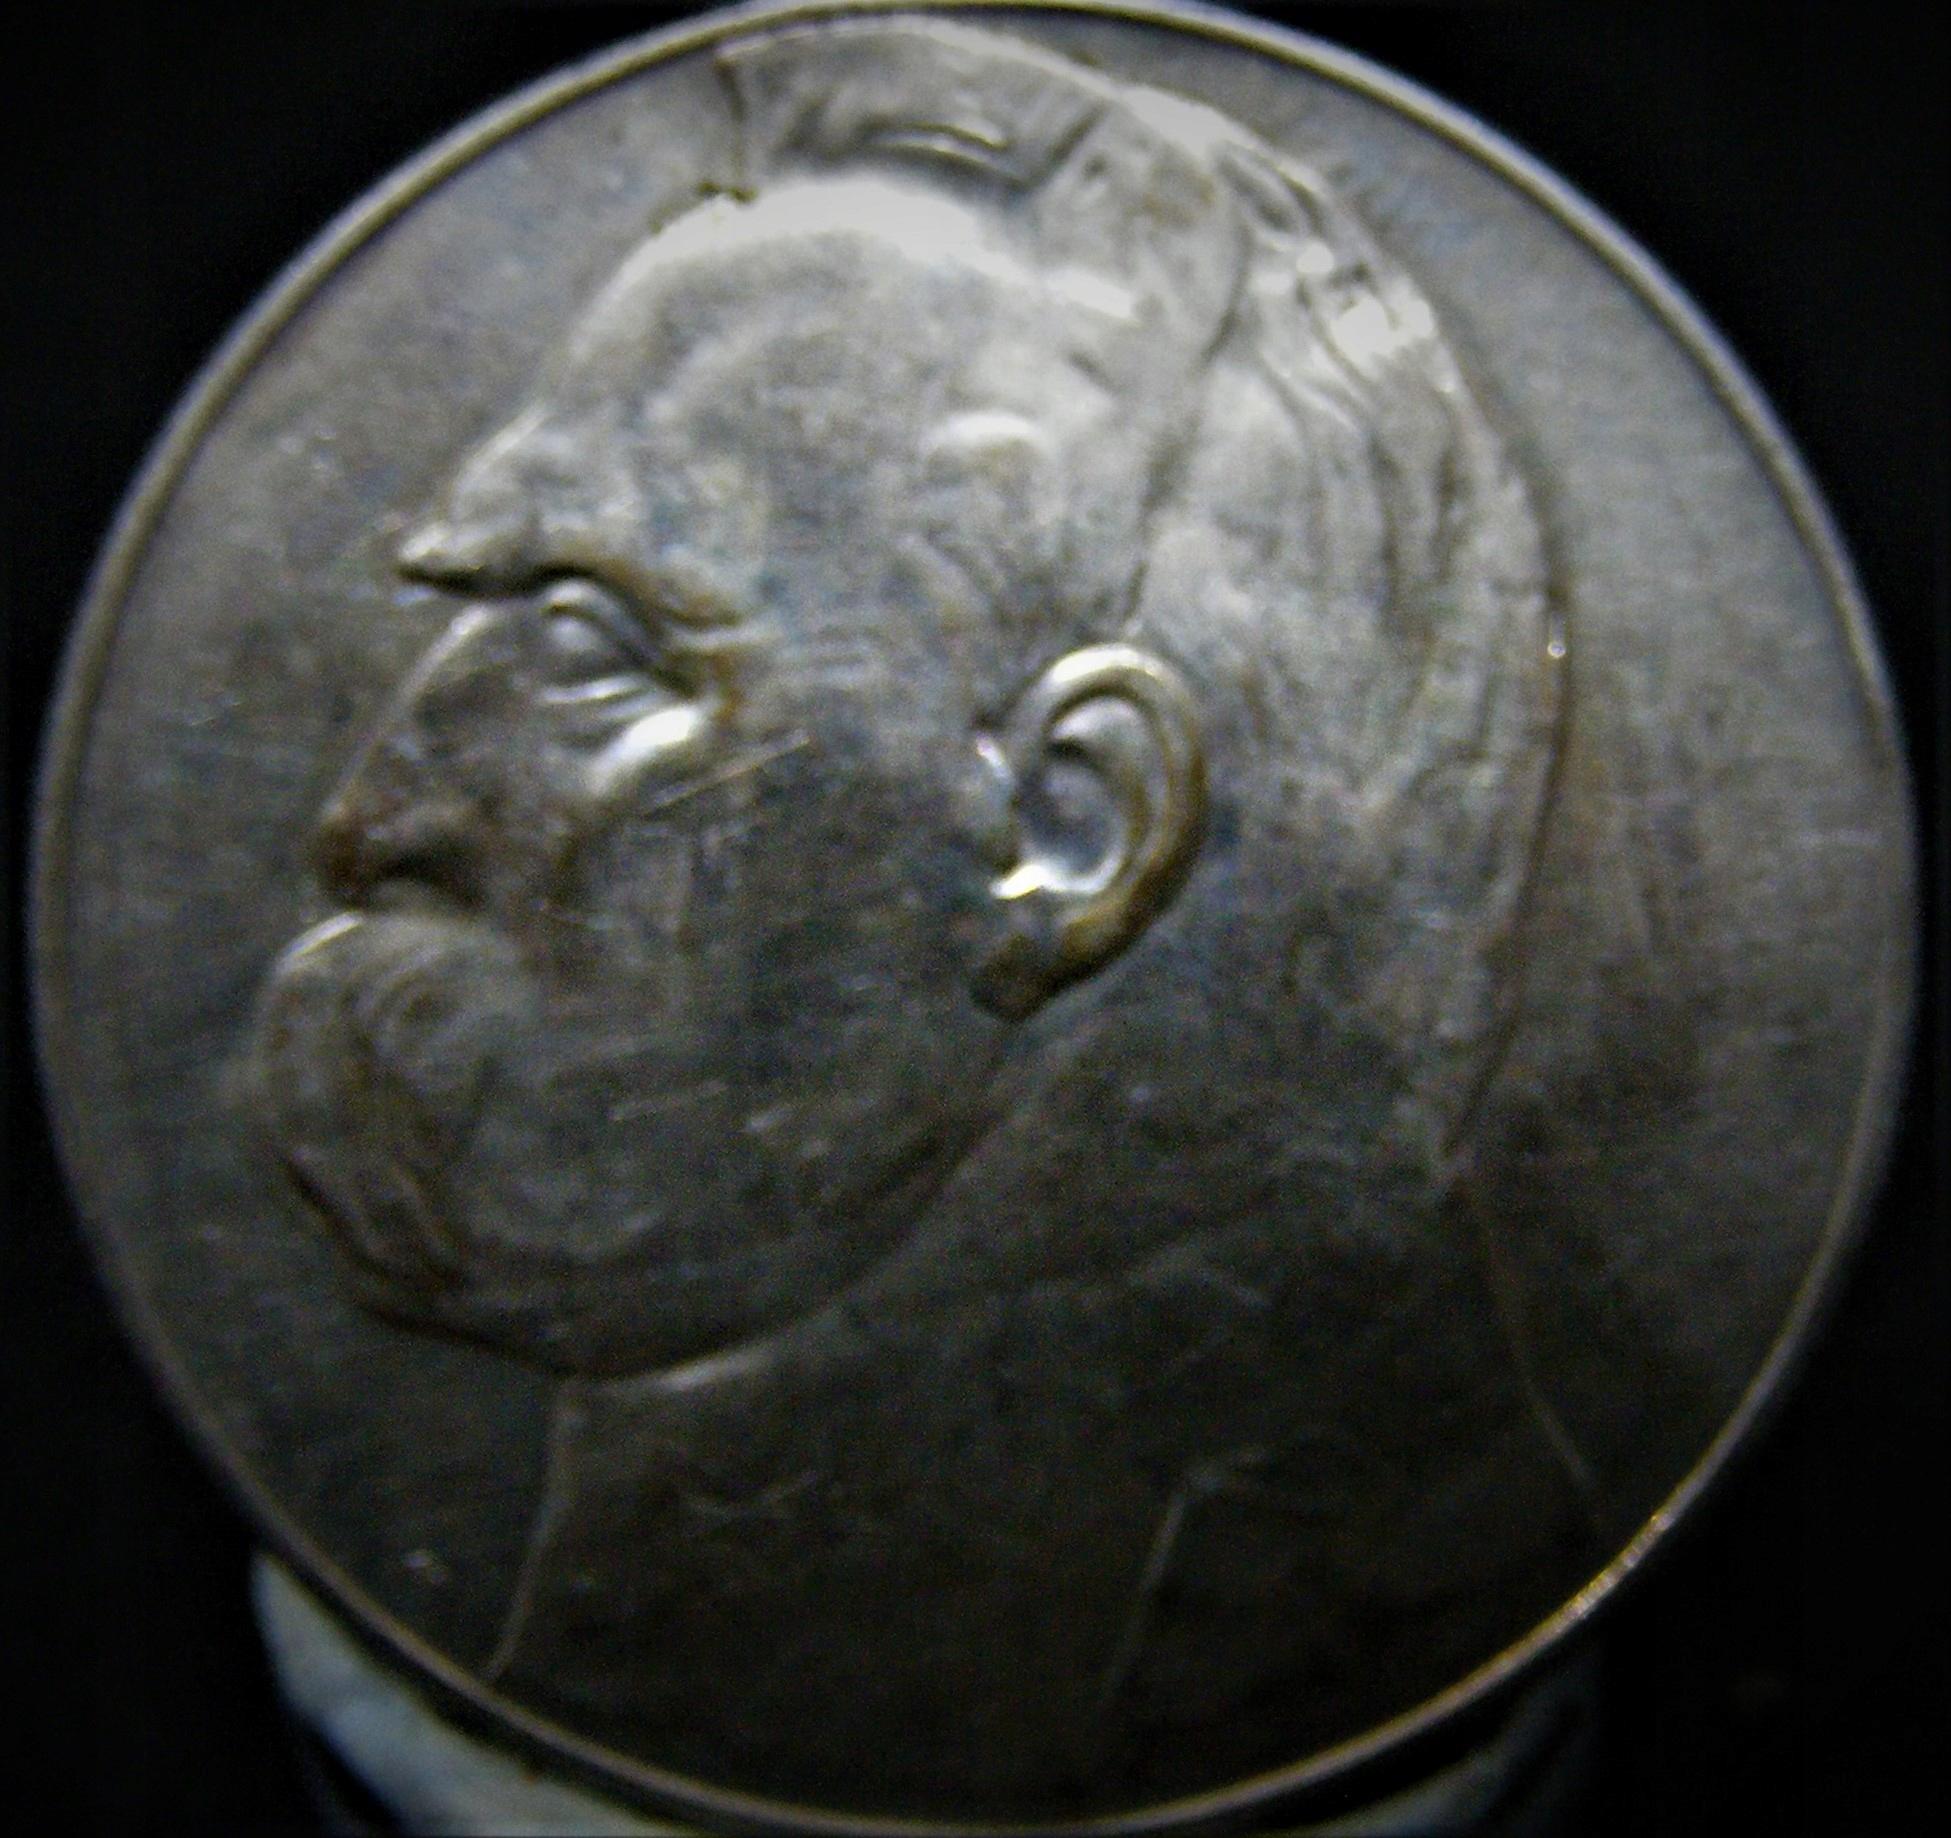 10 Zł 1937 Piłsudski BCM